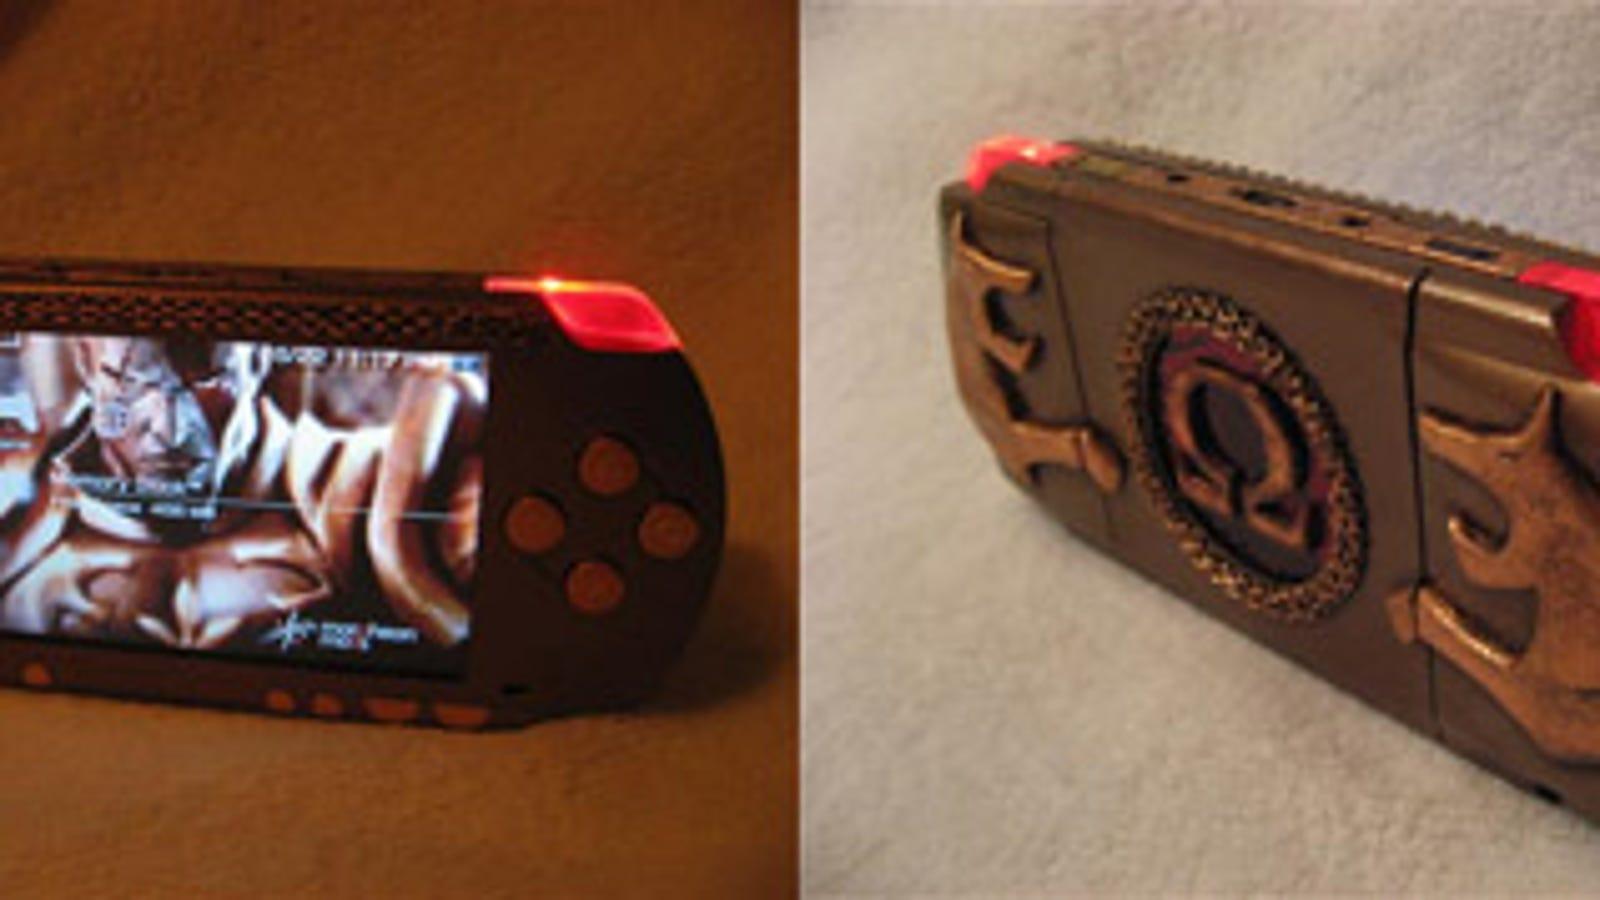 Sony PSP God of War Mod Looks Bloodthirstily Fantastic